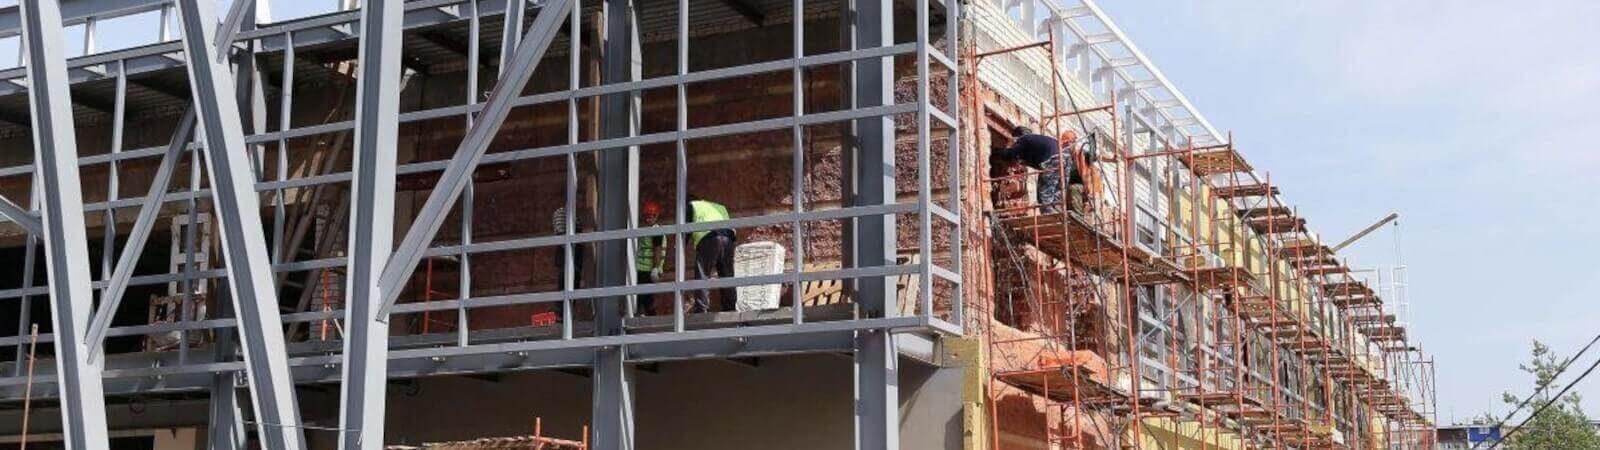 Как выполняется реконструкция здания